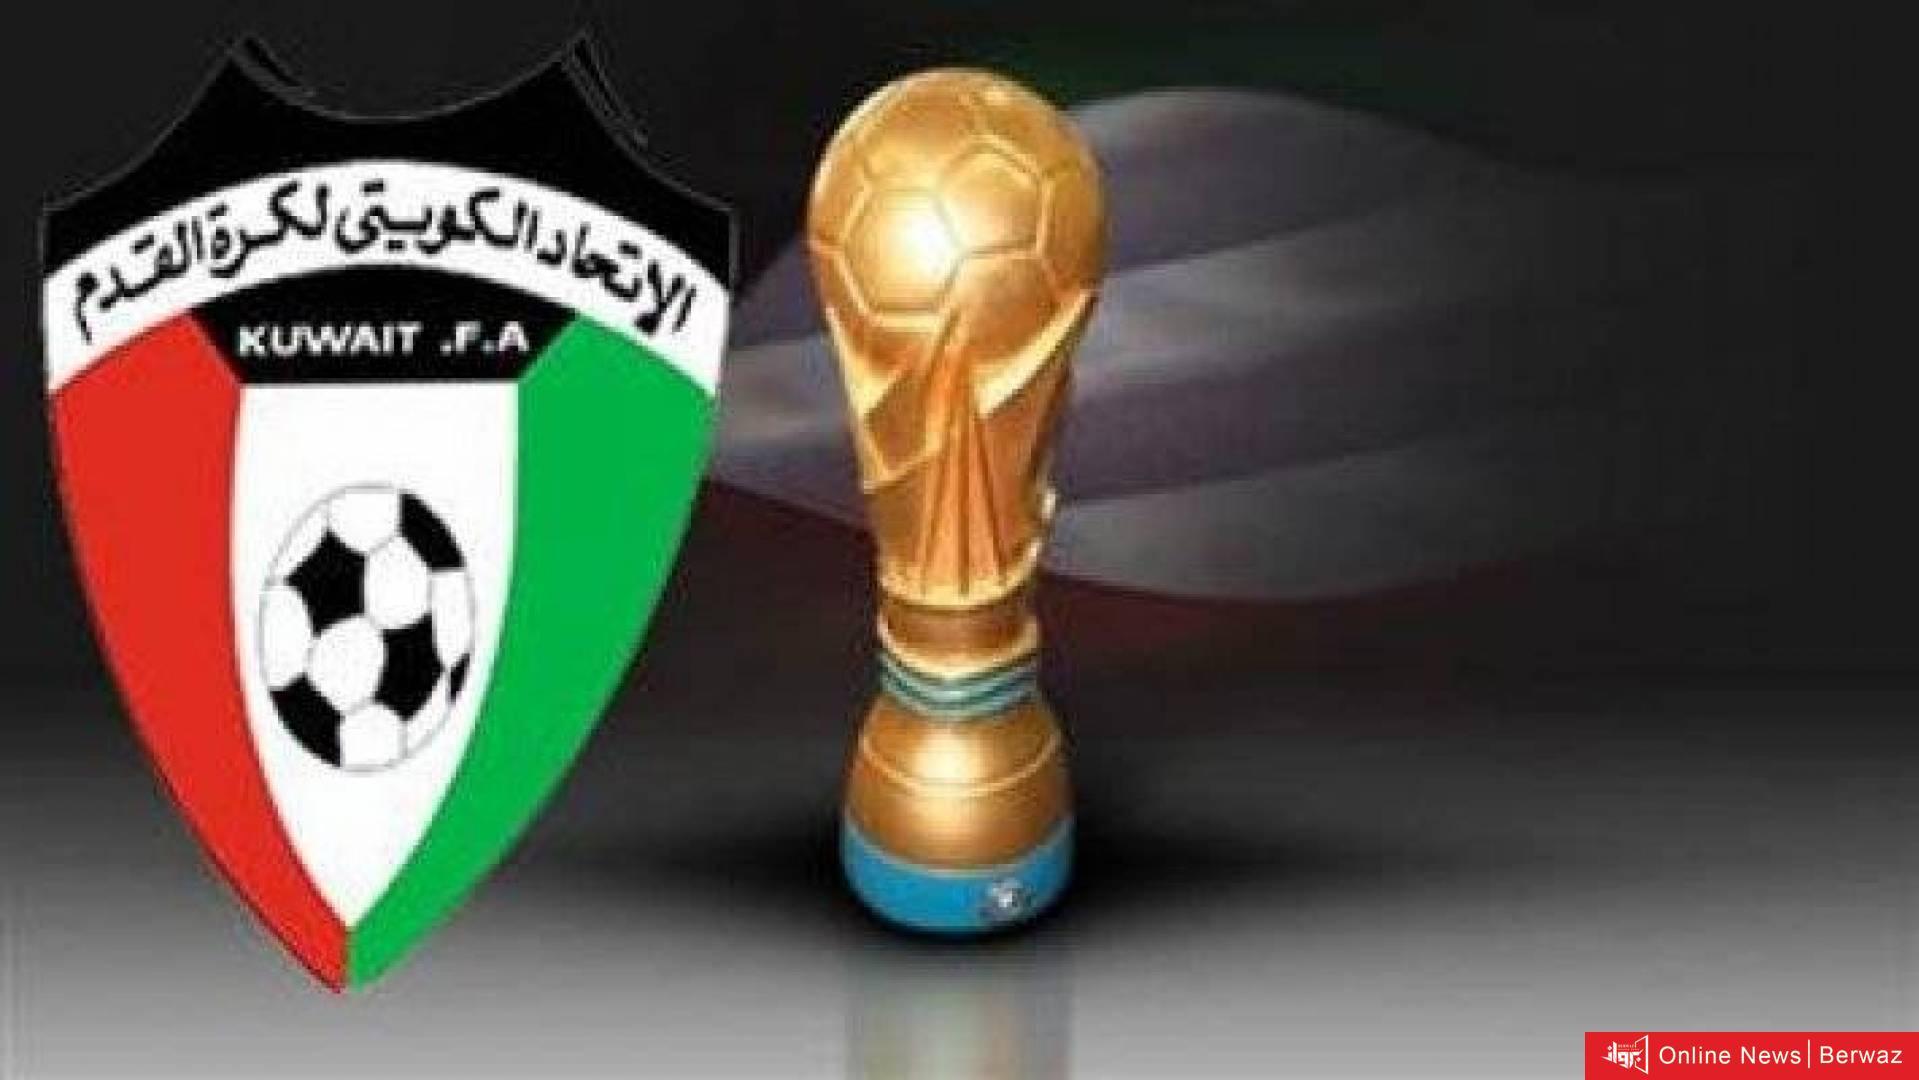 a5ac6189 bcbb 4b79 9cc3 9bc6f99cbdaa 846372 highres - إتحاد كرة القدم يحدد 12 يناير موعدا للمباراة النهائية لكأس سمو ولي العهد